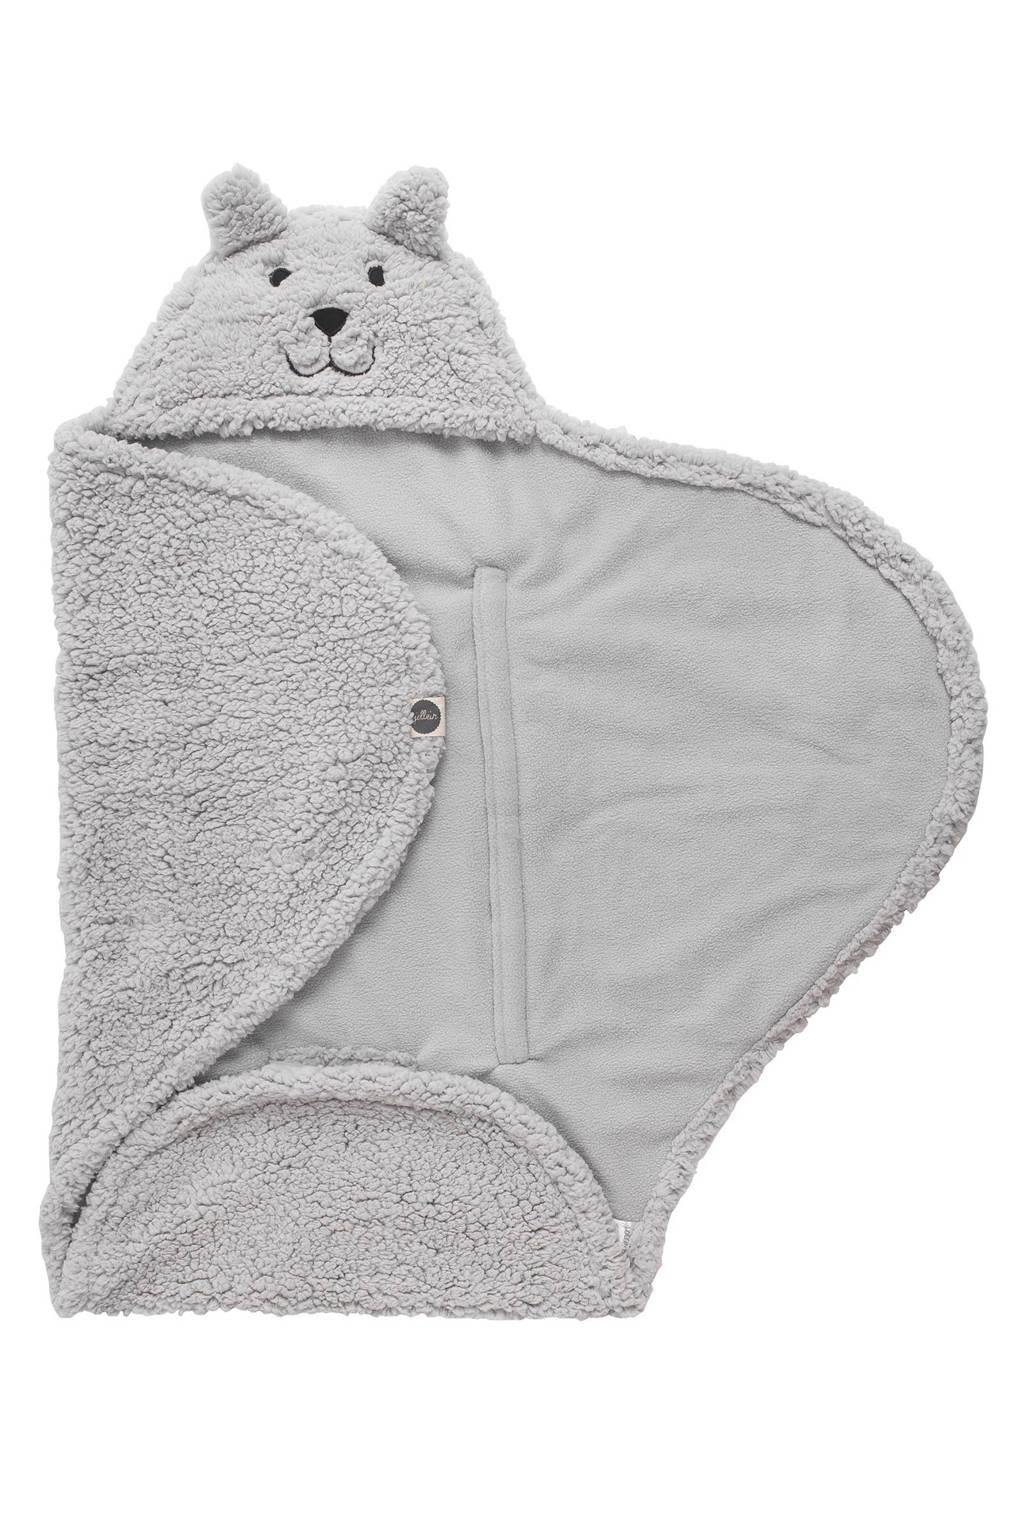 Jollein teddy bear wikkeldeken grijs, Grijs